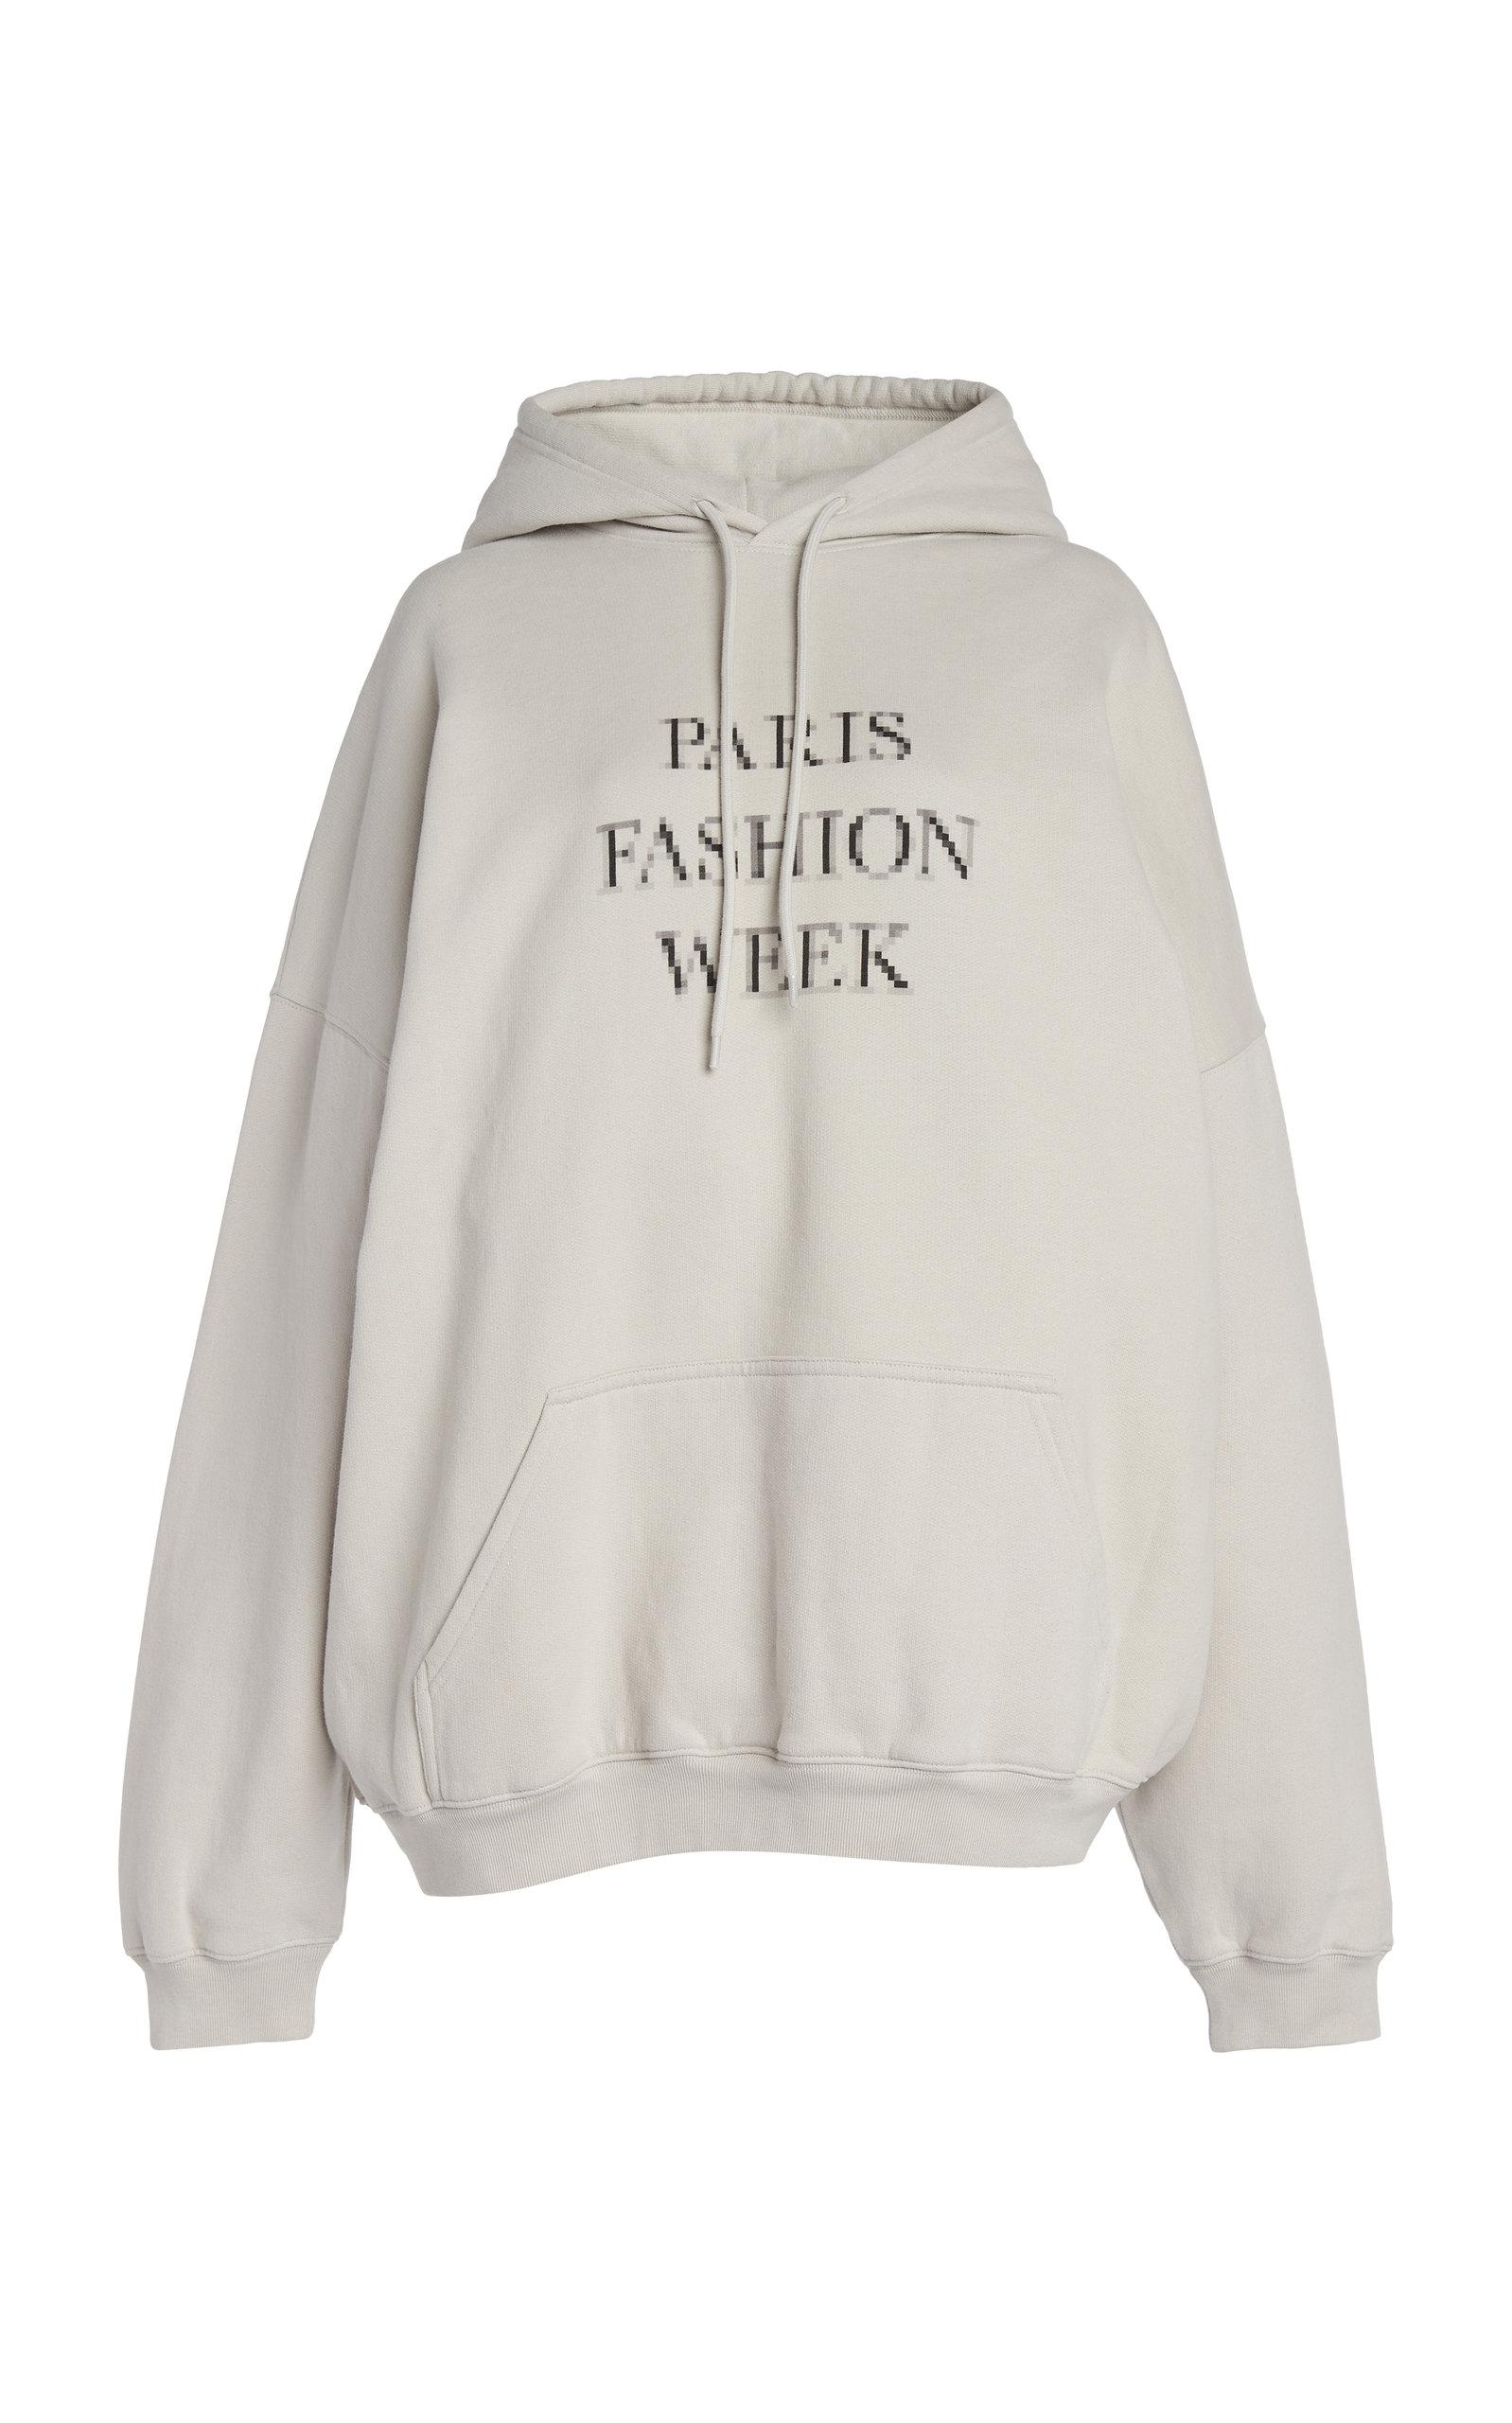 Balenciaga Clothing WOMEN'S OVERSIZED FASHION WEEK COTTON HOODIE